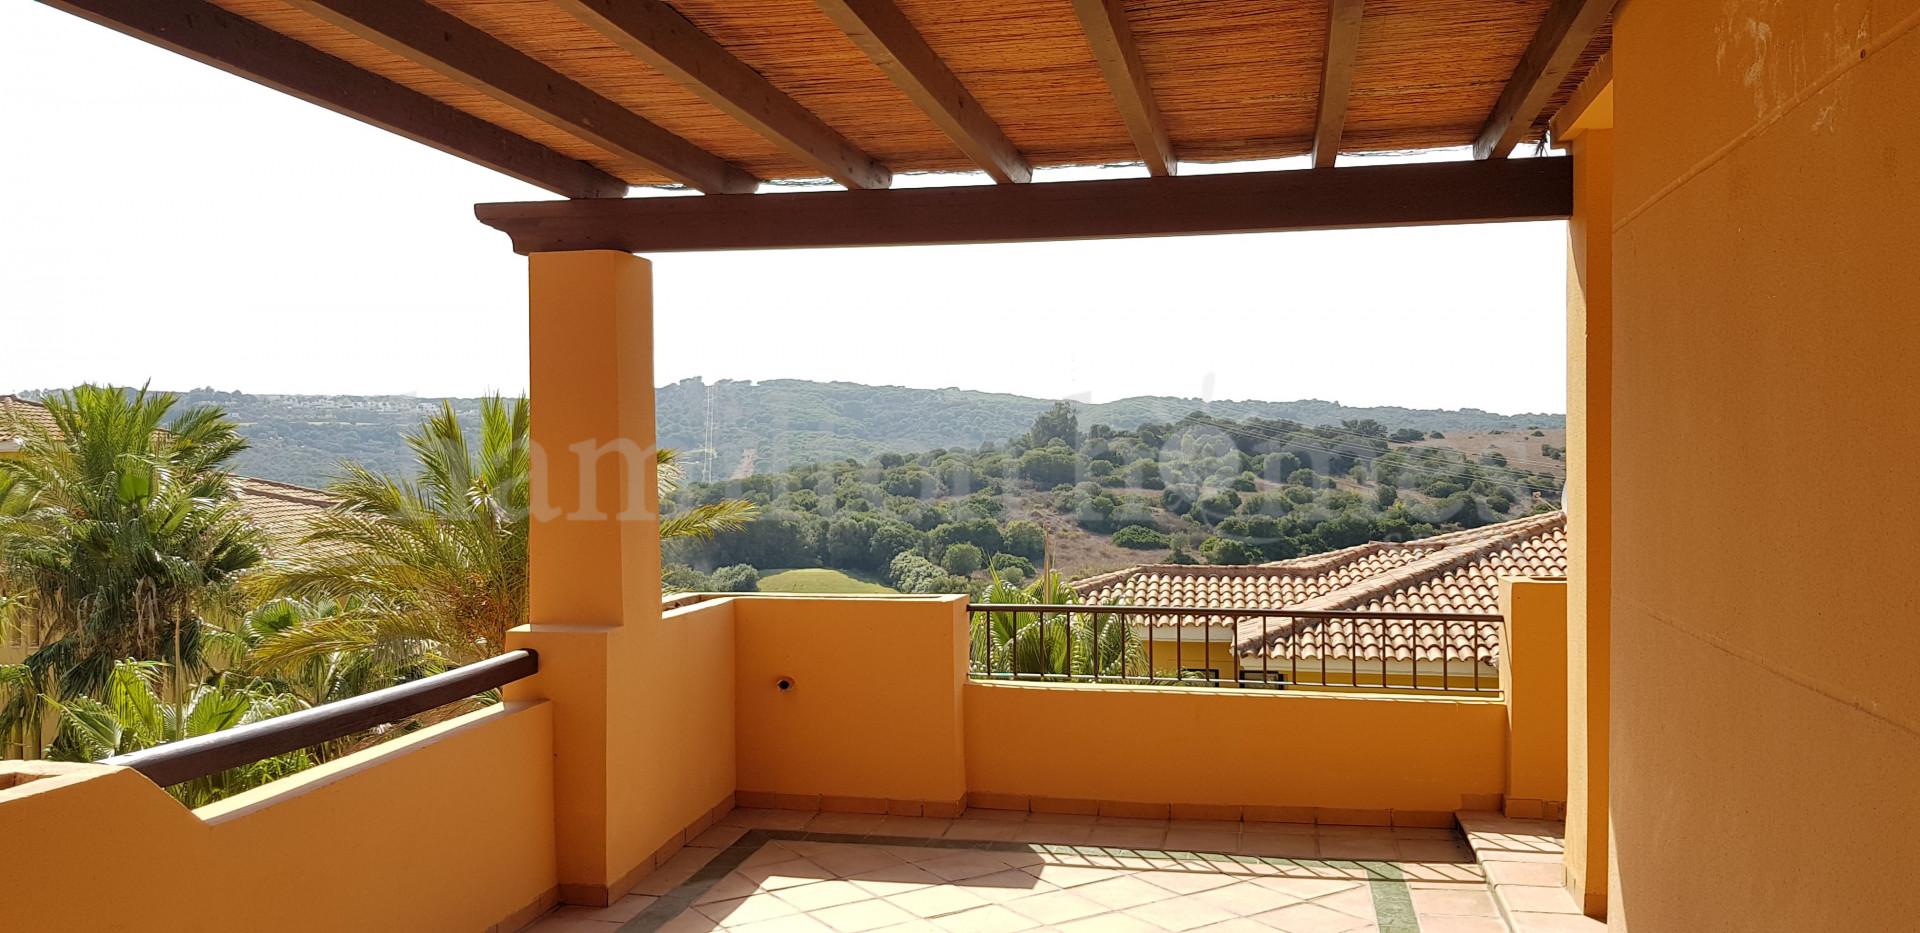 Duplex Penthouse in Los Gazules de Almenara, Sotogrande